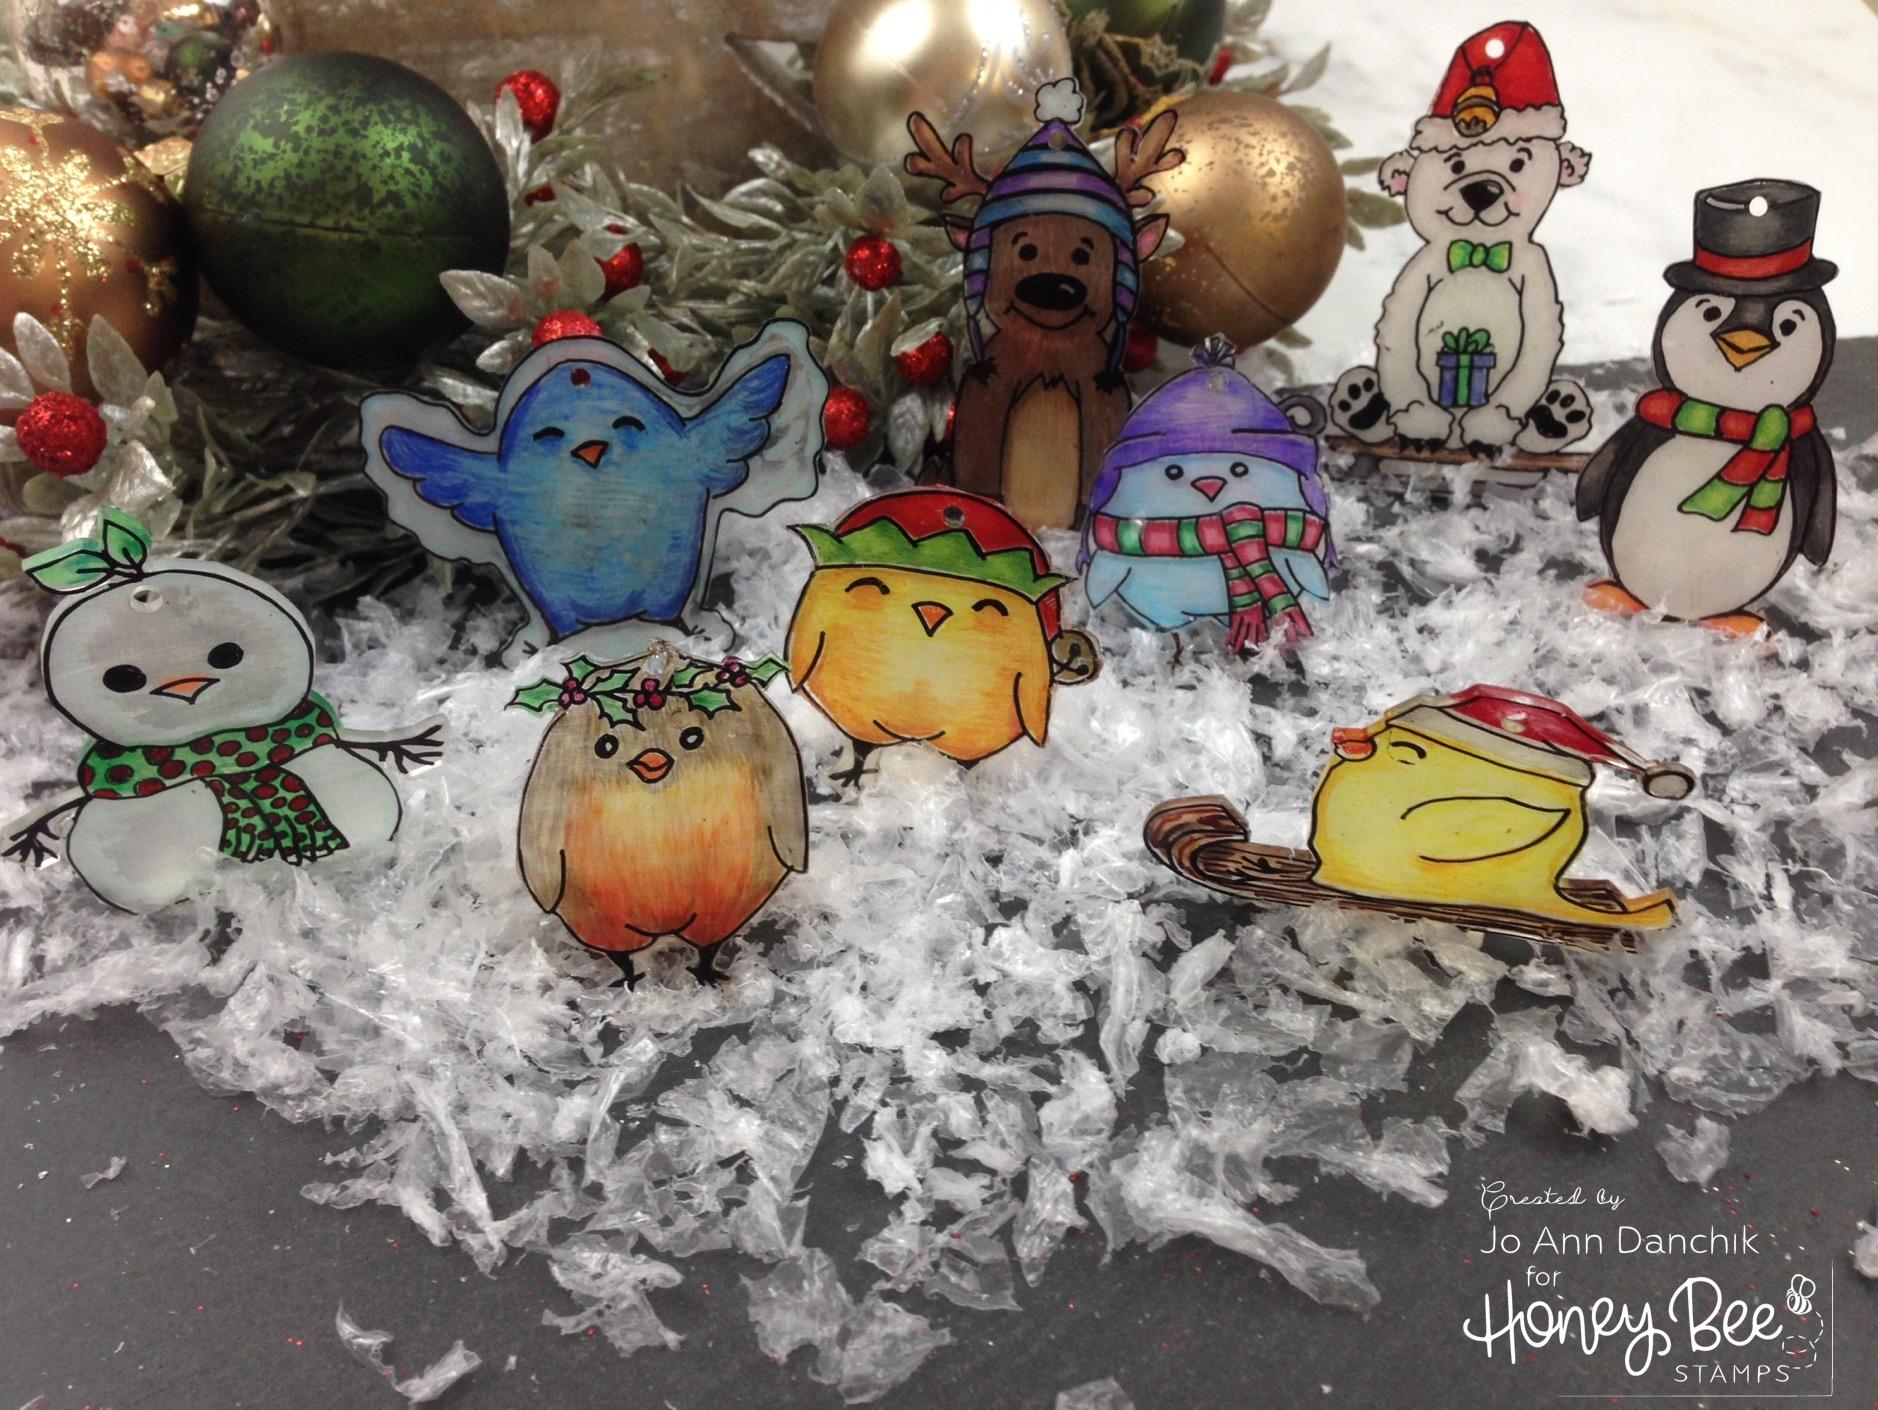 Creative Sundays with Jo Ann: Shrinky Dink Ornaments